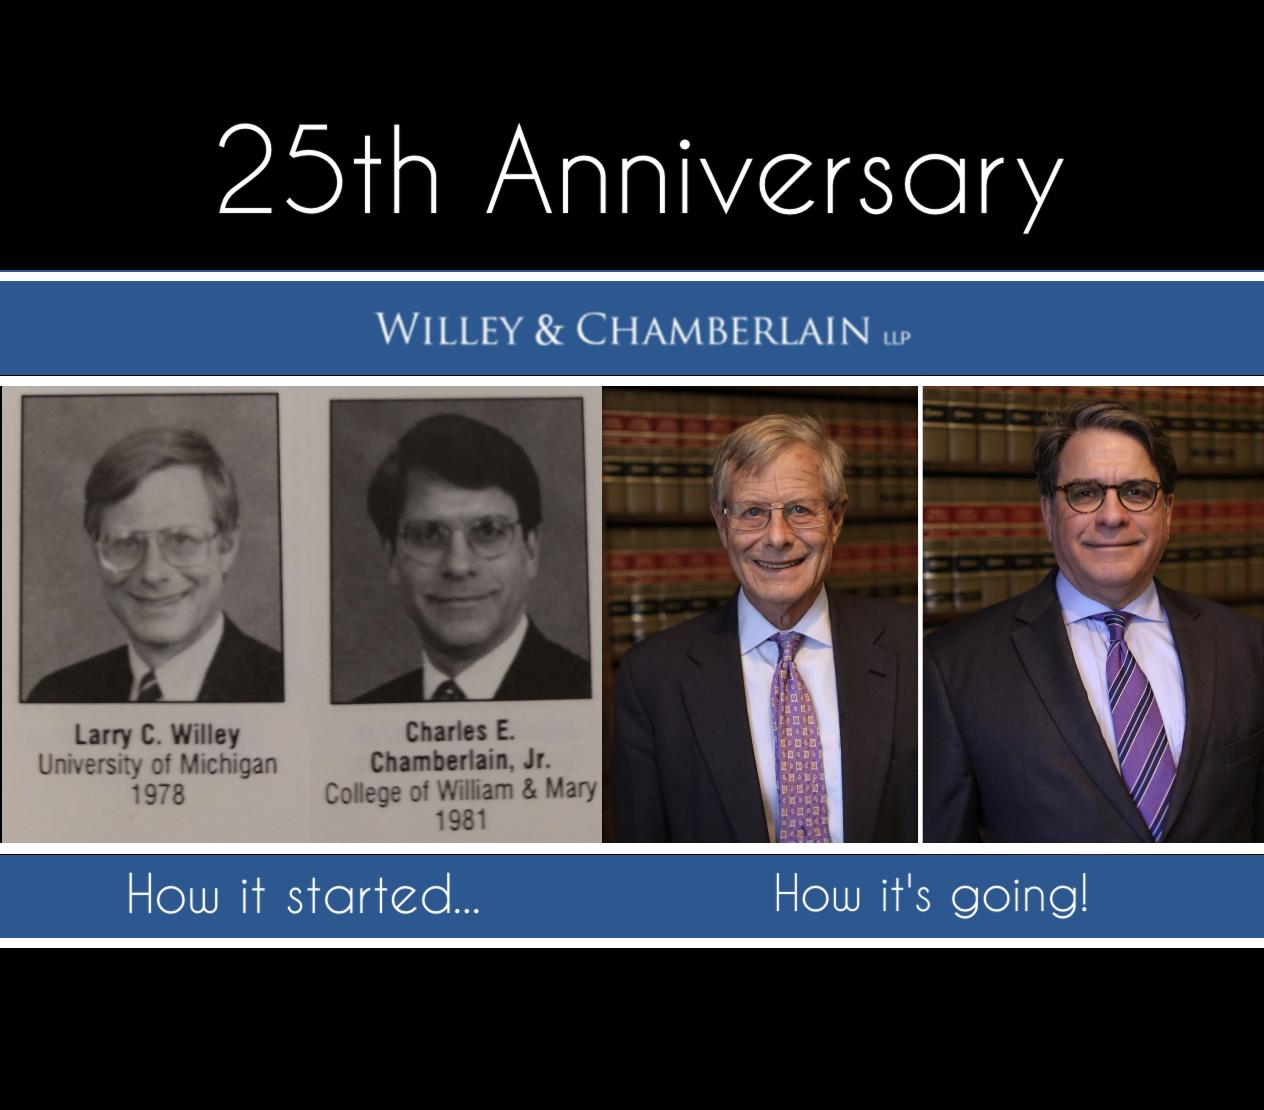 Willey & Chamberlain Celebrates 25 Years